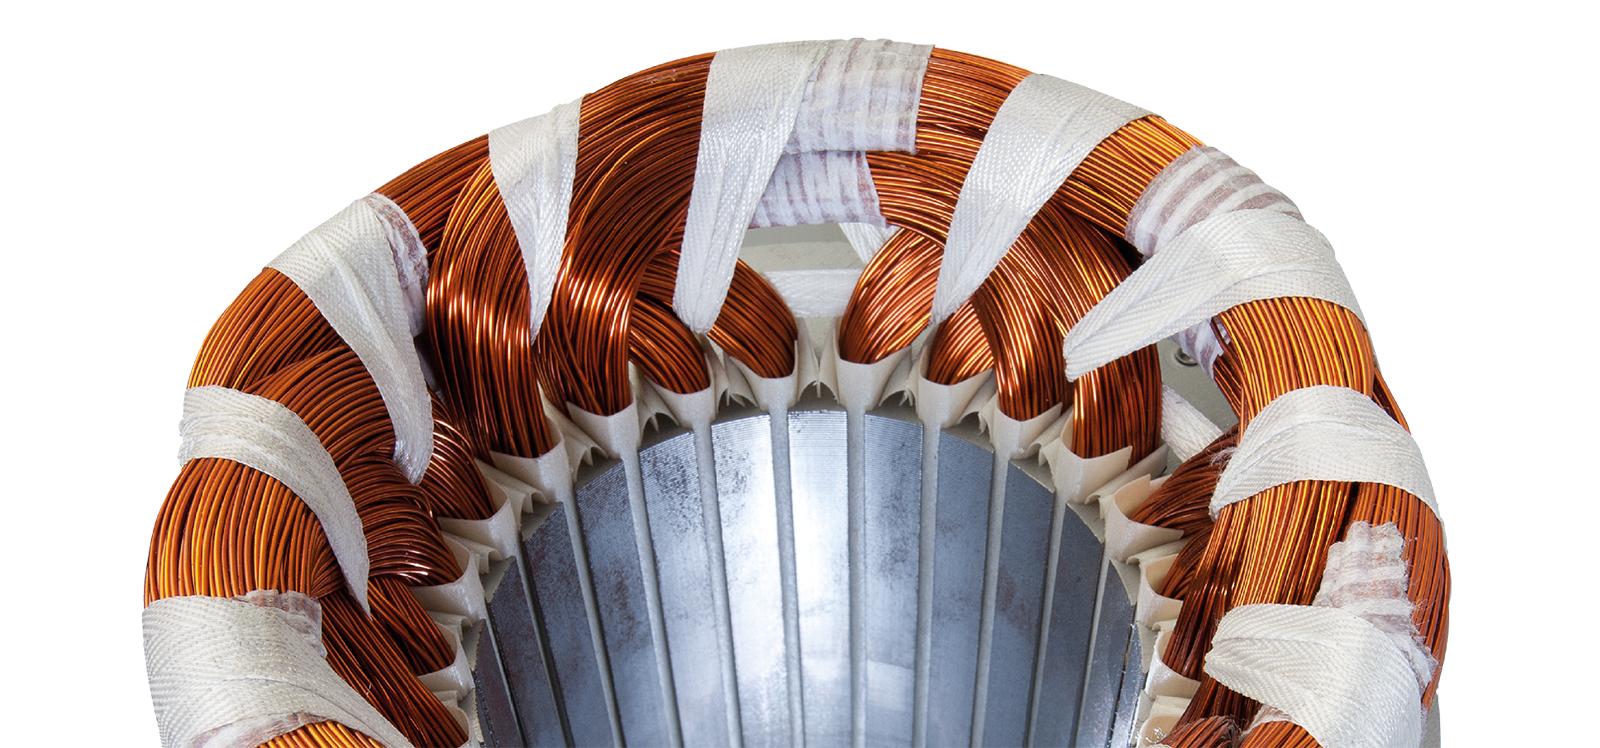 Elektromotoren | Transformatoren | Spulen …